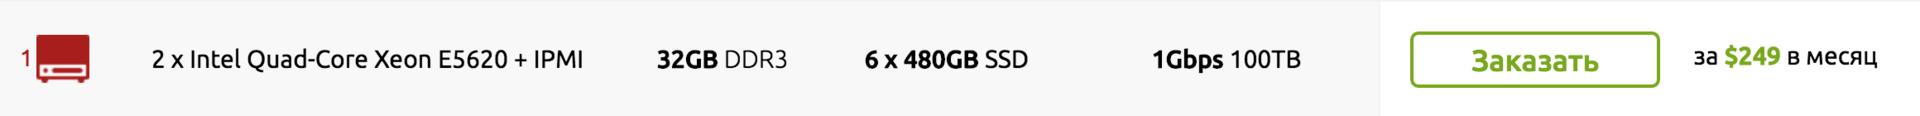 Cерверы с «устаревшими» CPU или более высокая цена? Мы нашли компромисс! 2 x E5620 - 32GB DDR3 - 6 x 240GB SSD - 1Gbps? - 9